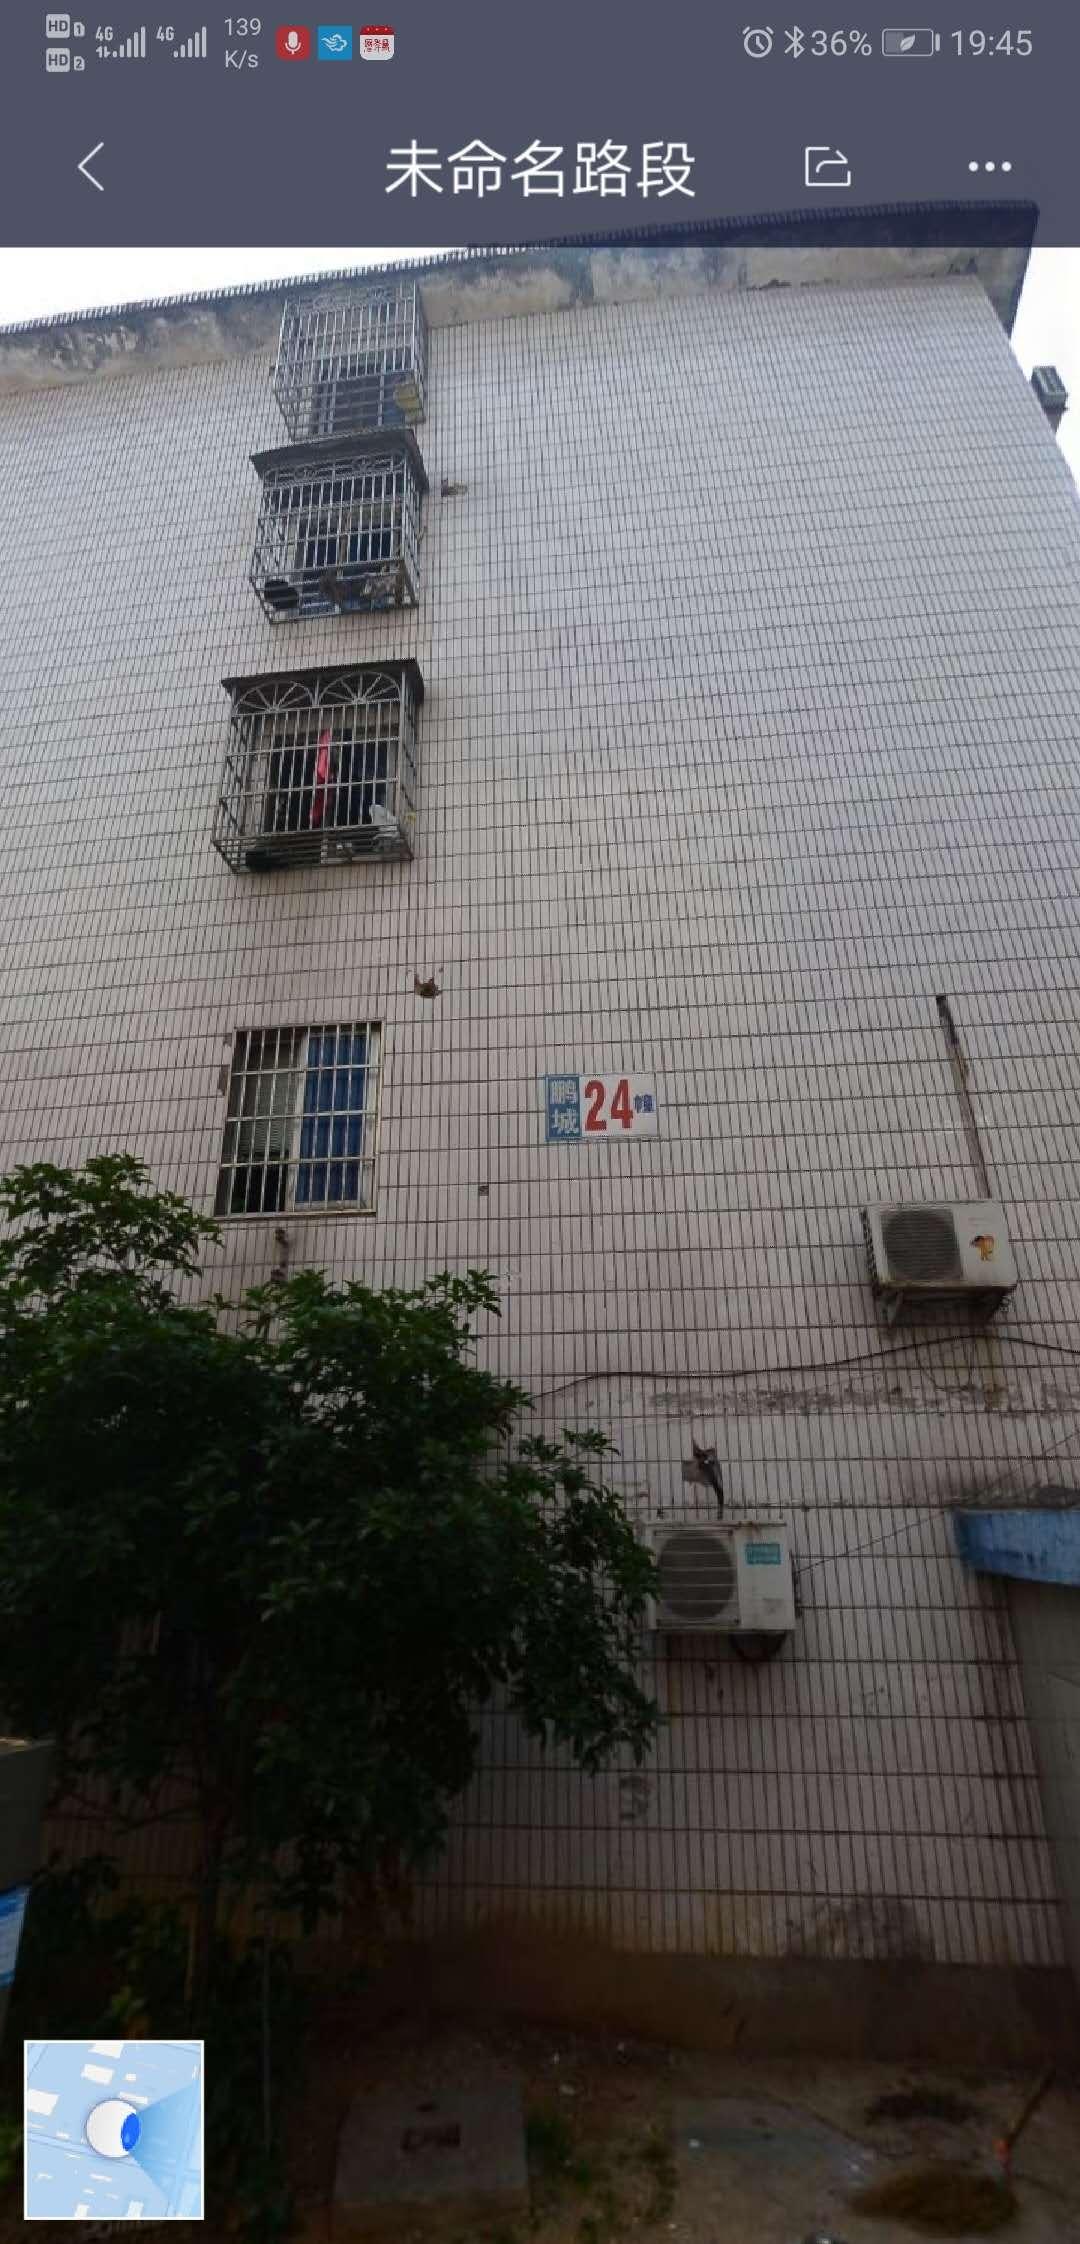 义乌鹏城低价房产